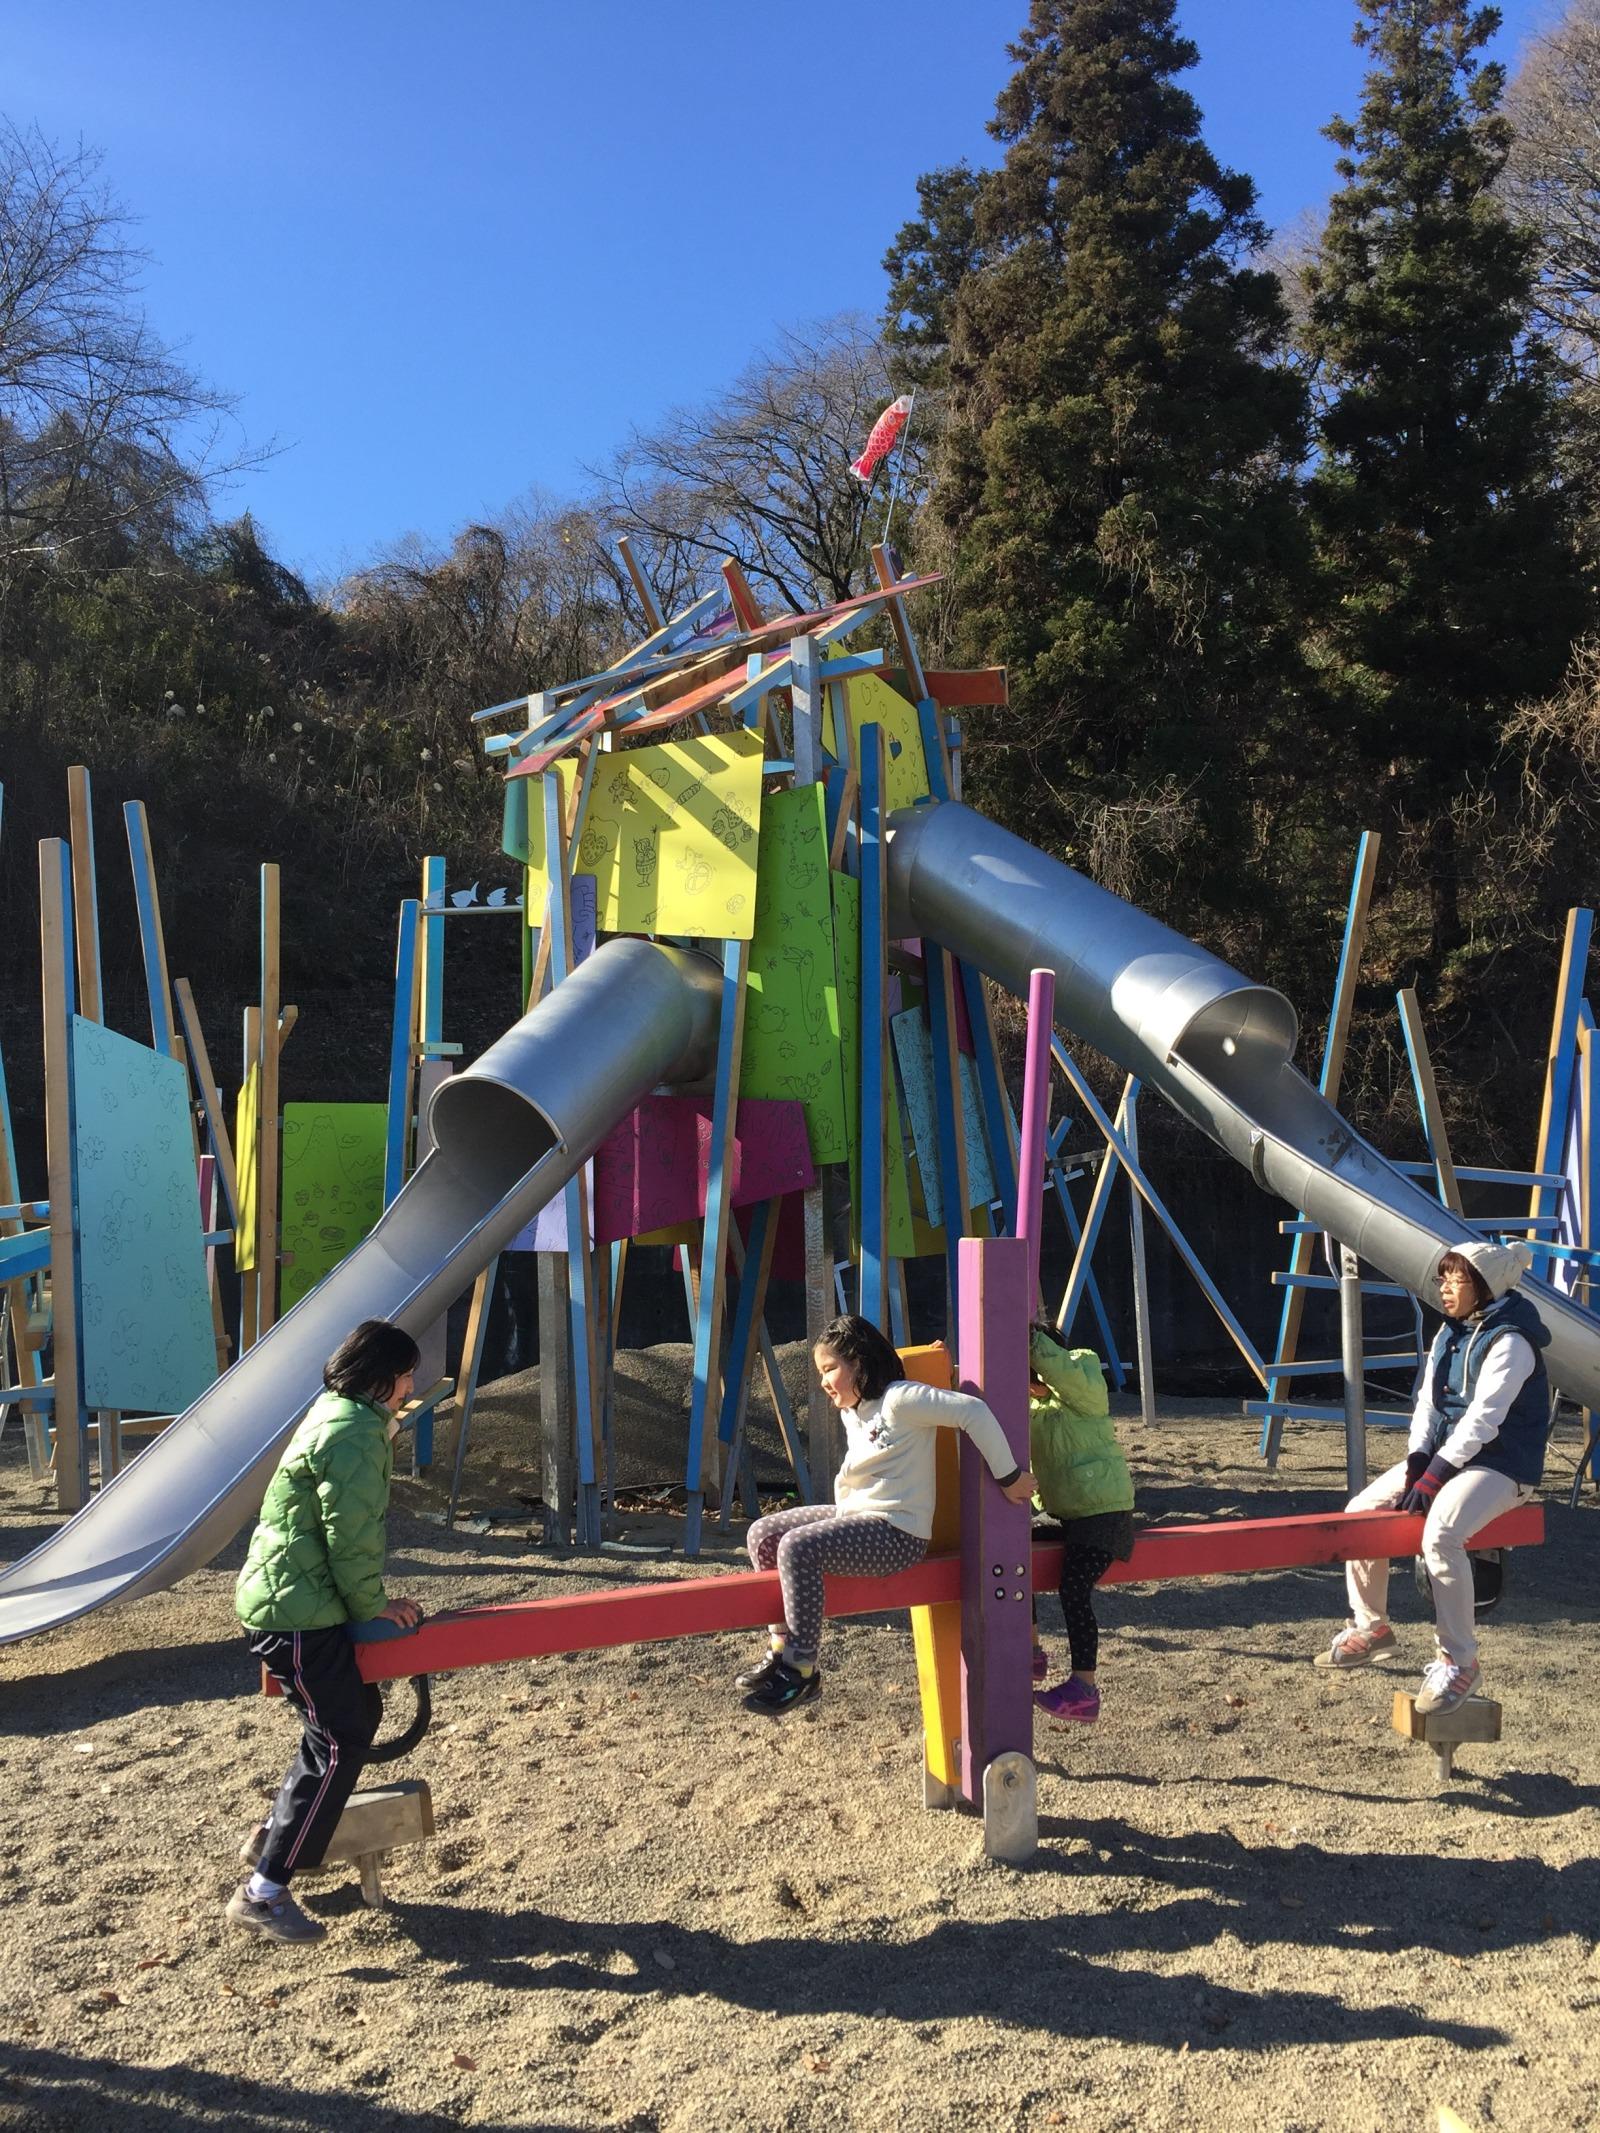 観音山公園にあるケルナー広場の不思議な遊具